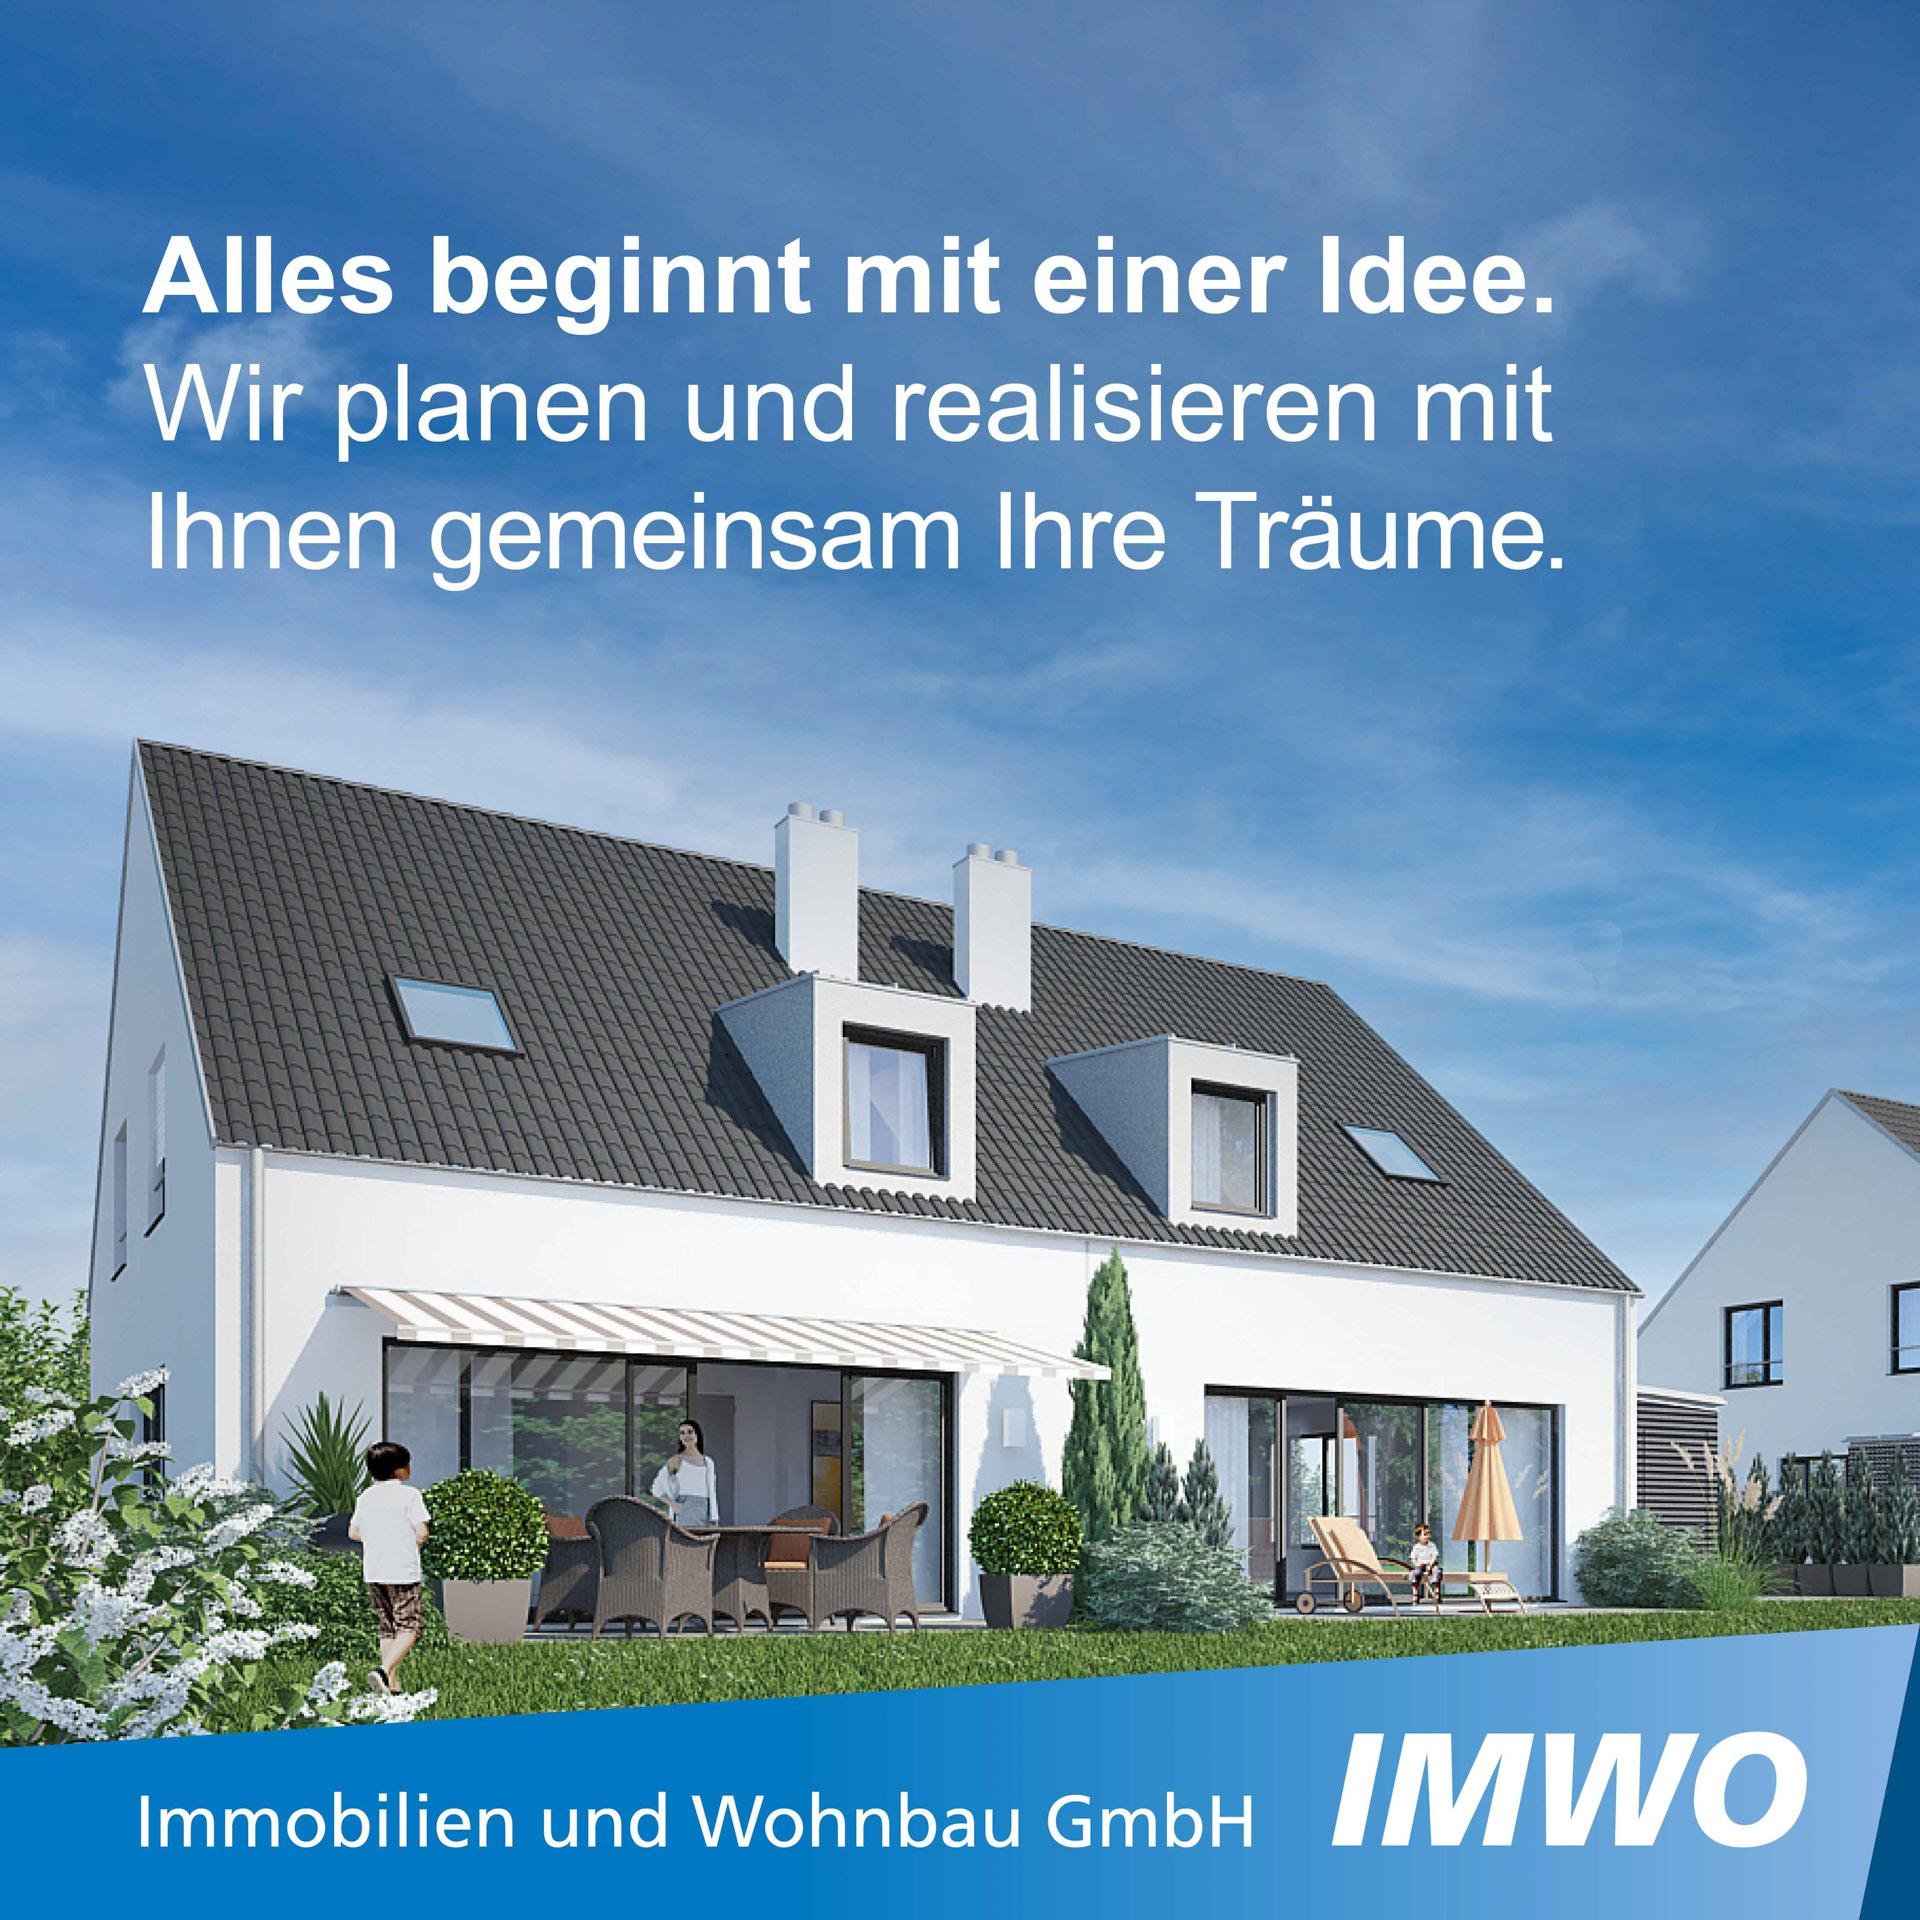 gniced-daniel gross-pfaffenhofen-grafikdesign-print-druckprodukte-23